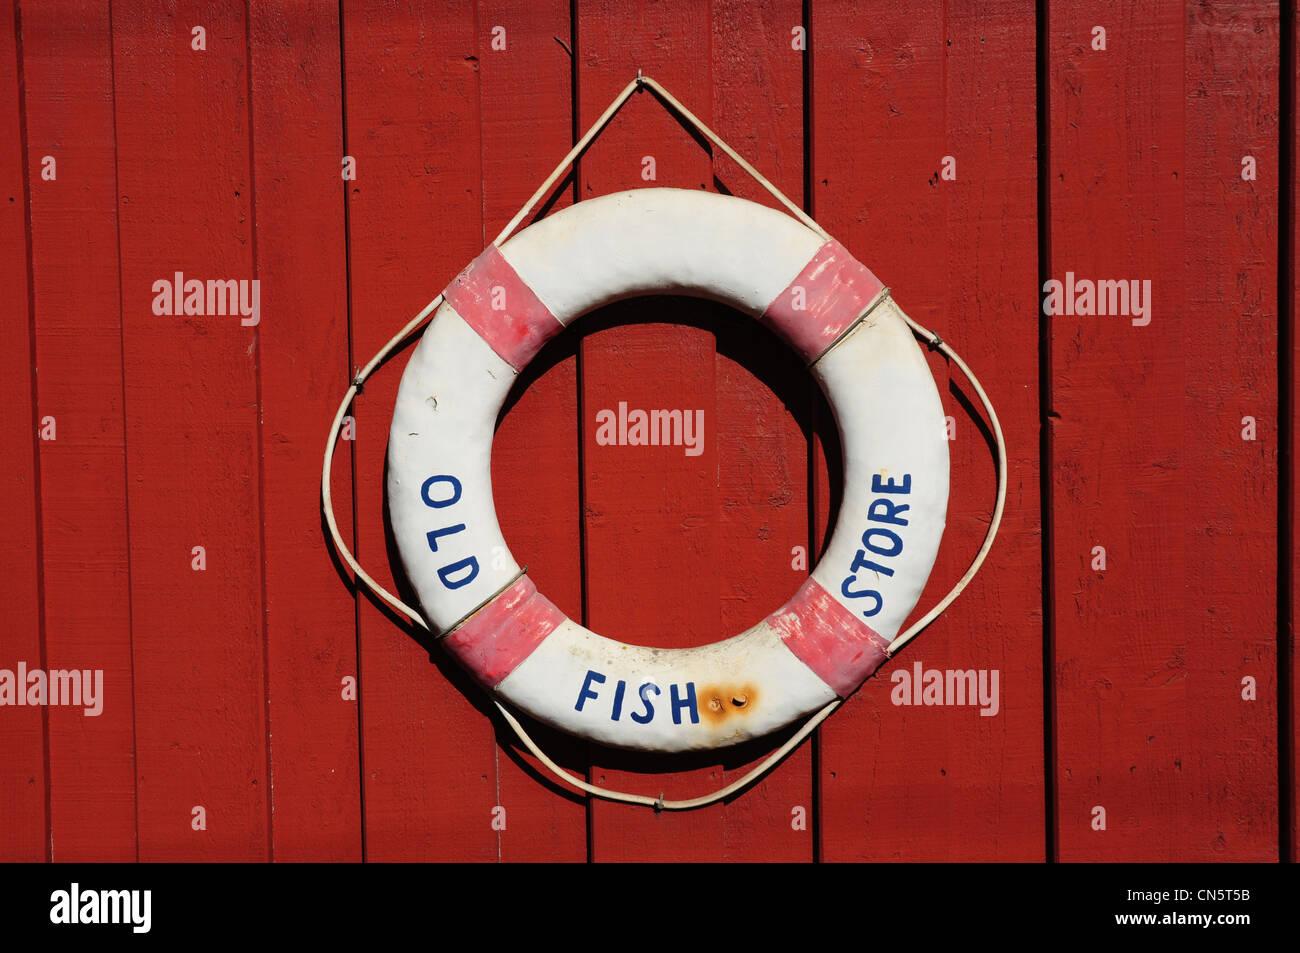 Lifebelt with name Old Fish Store, Lympstone, Devon, England, UK - Stock Image